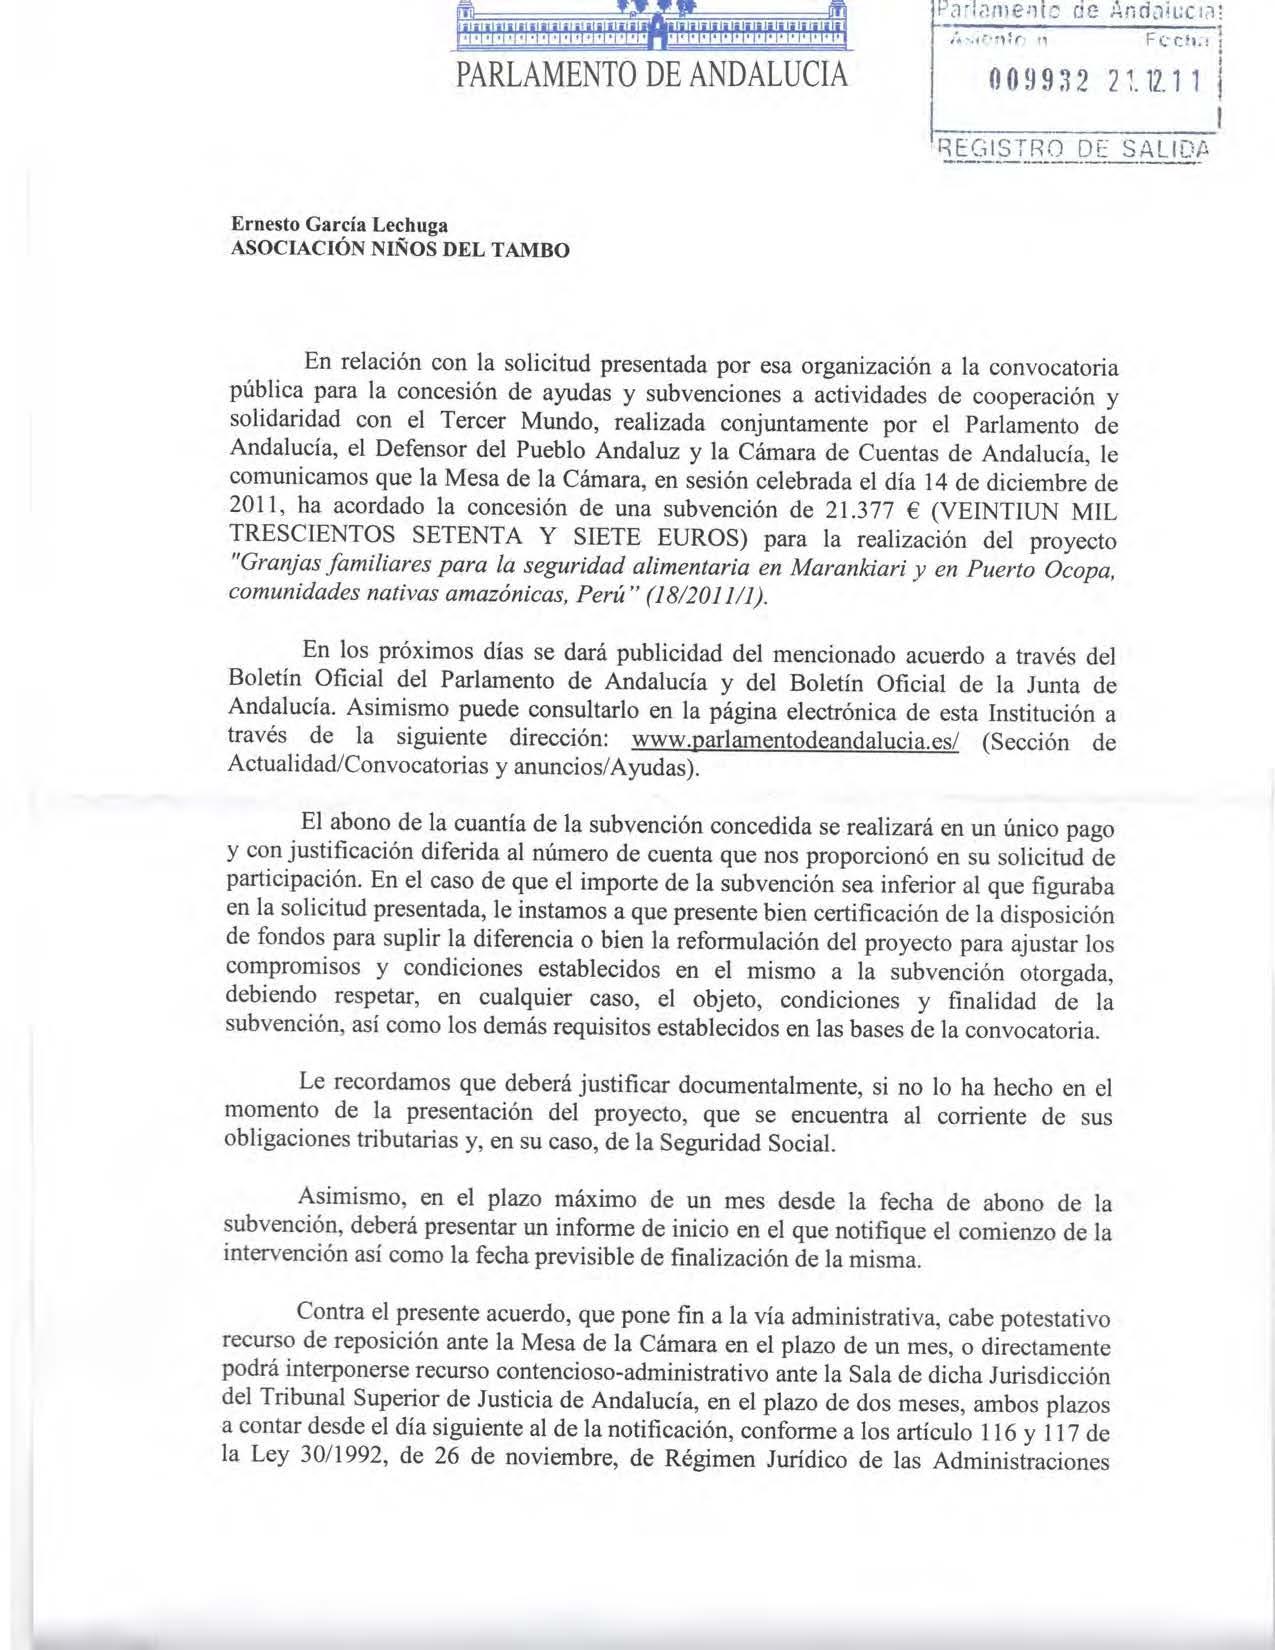 Aprobación Parlamento Andalucía1